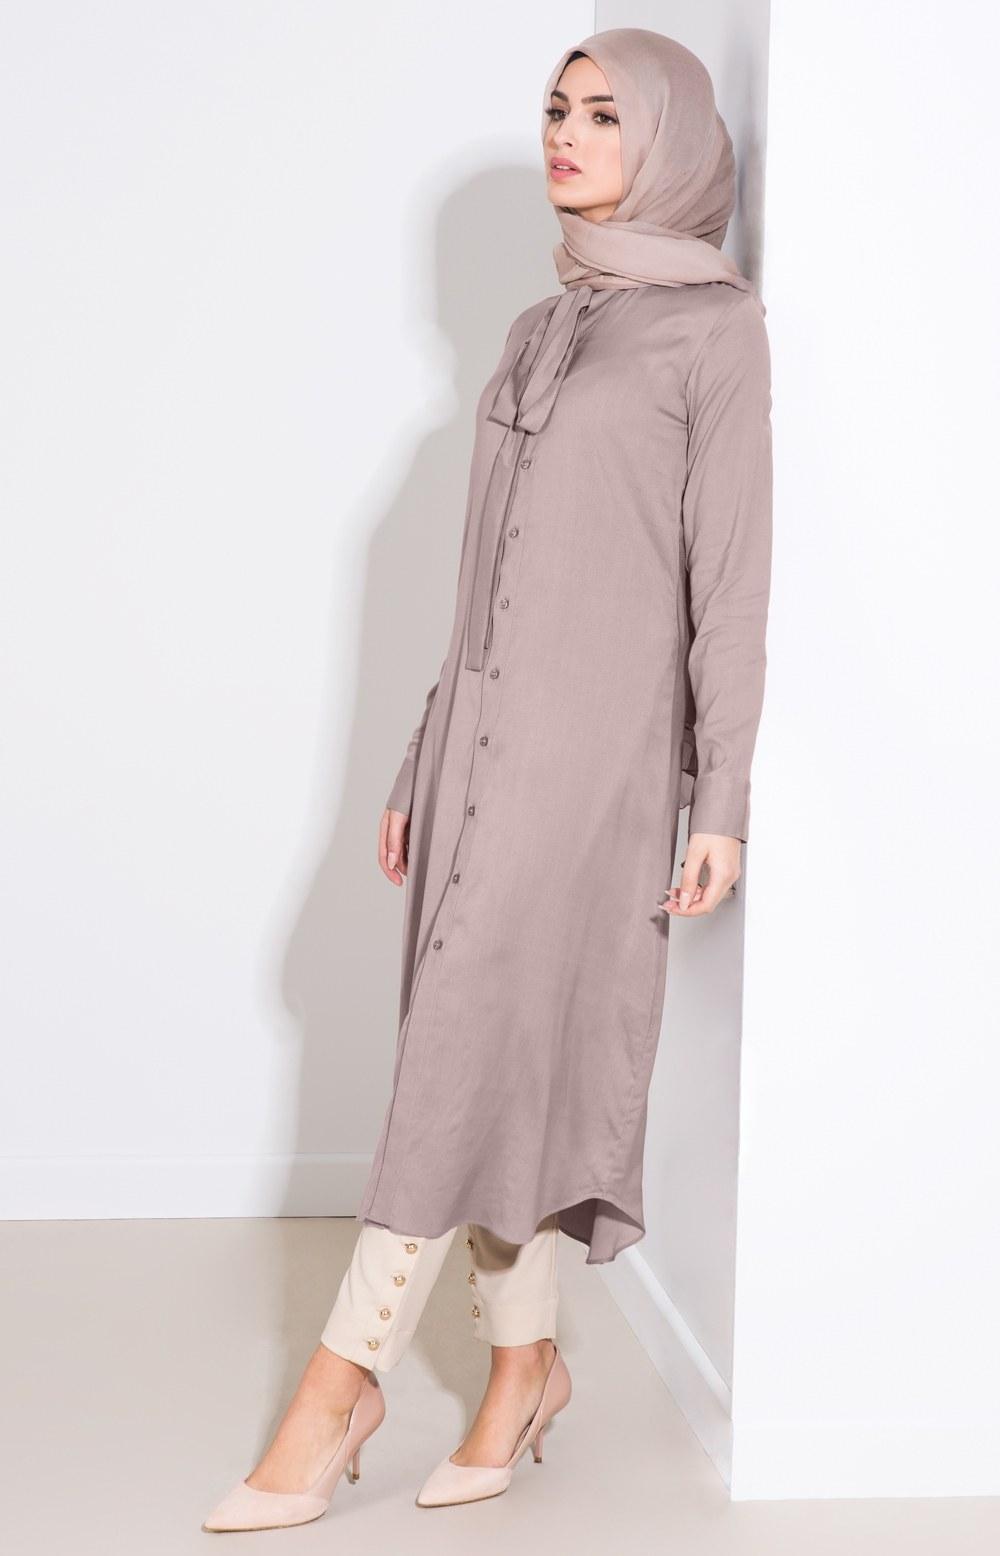 Bentuk Model Baju Lebaran Pria U3dh 25 Trend Model Baju Muslim Lebaran 2018 Simple & Modis